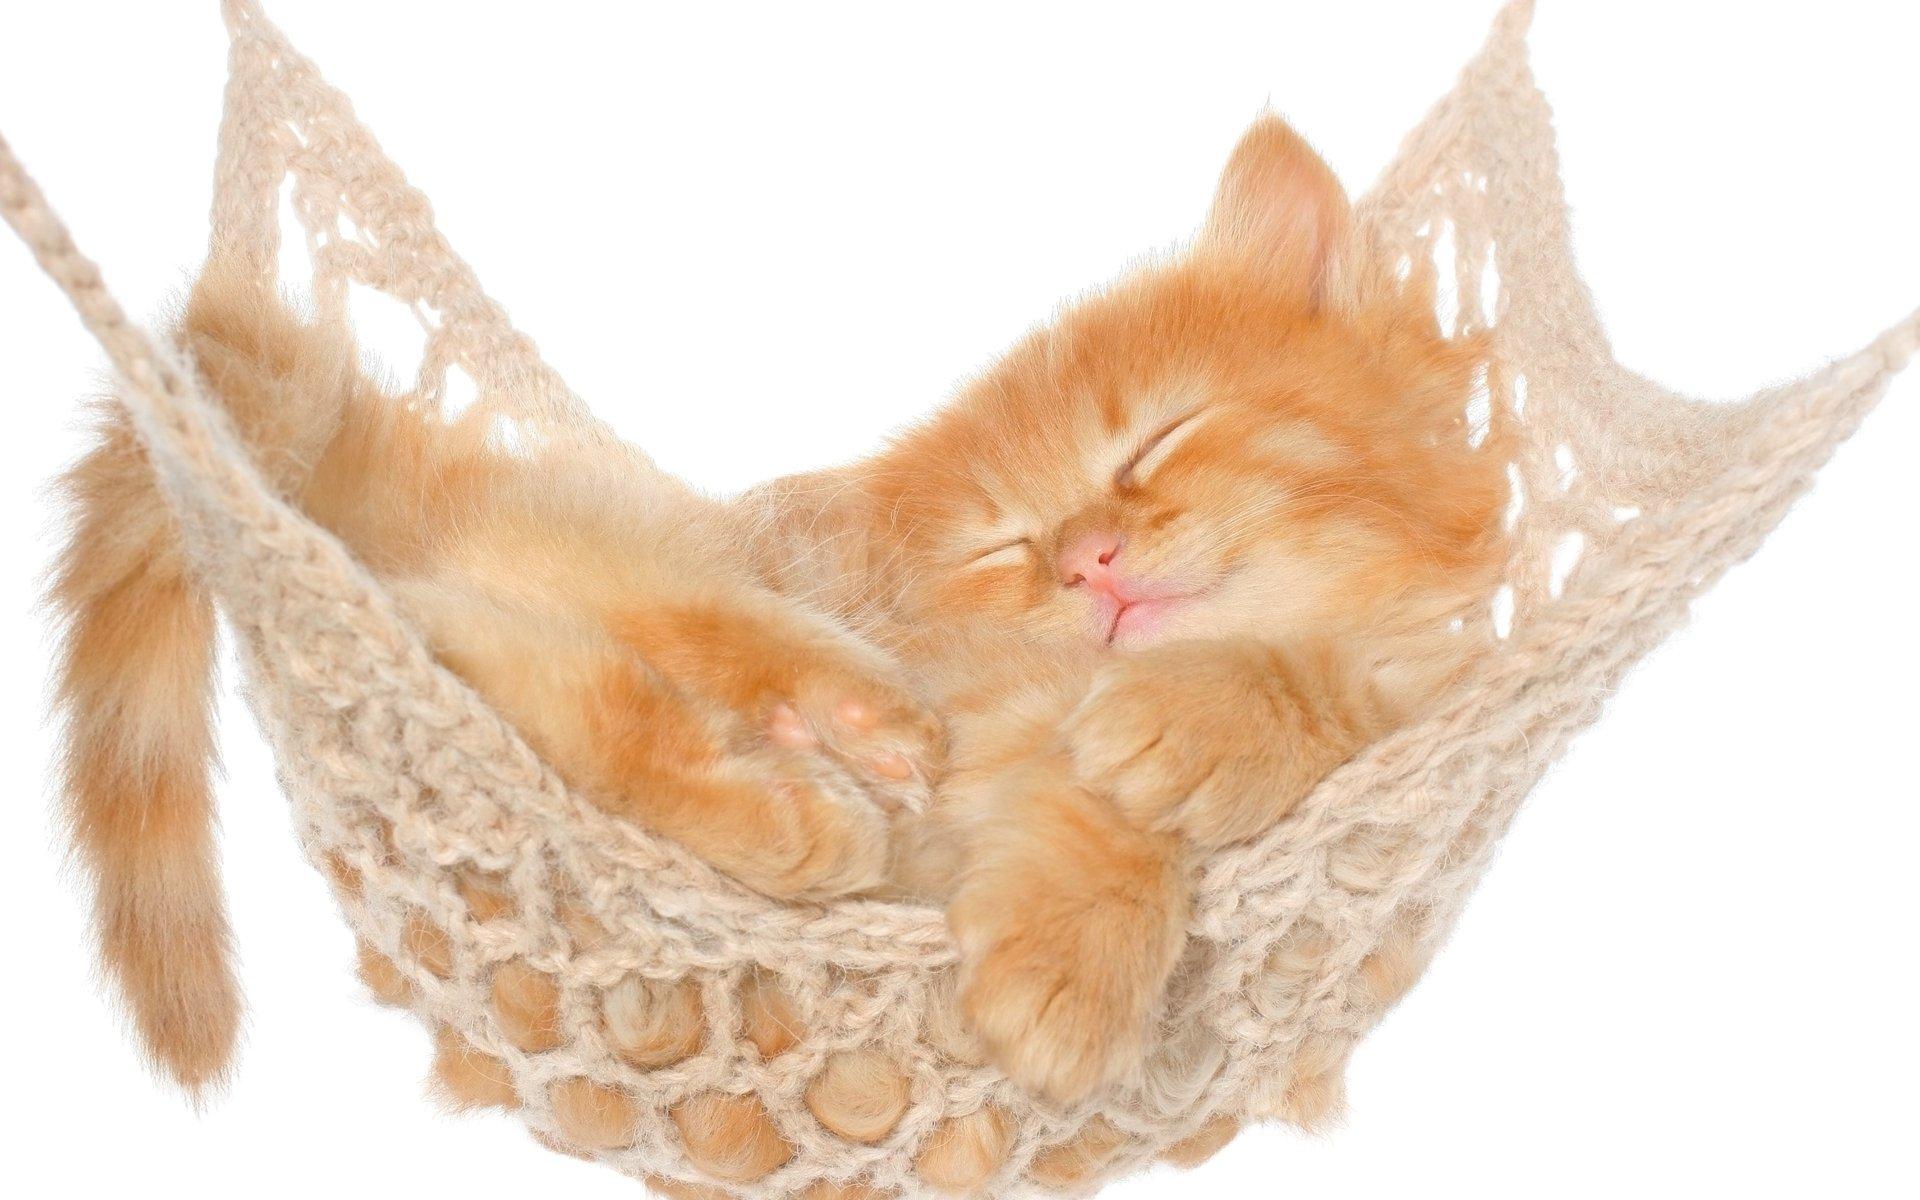 Kitten Sleeping In Hammock 4k Ultra Hd Wallpaper